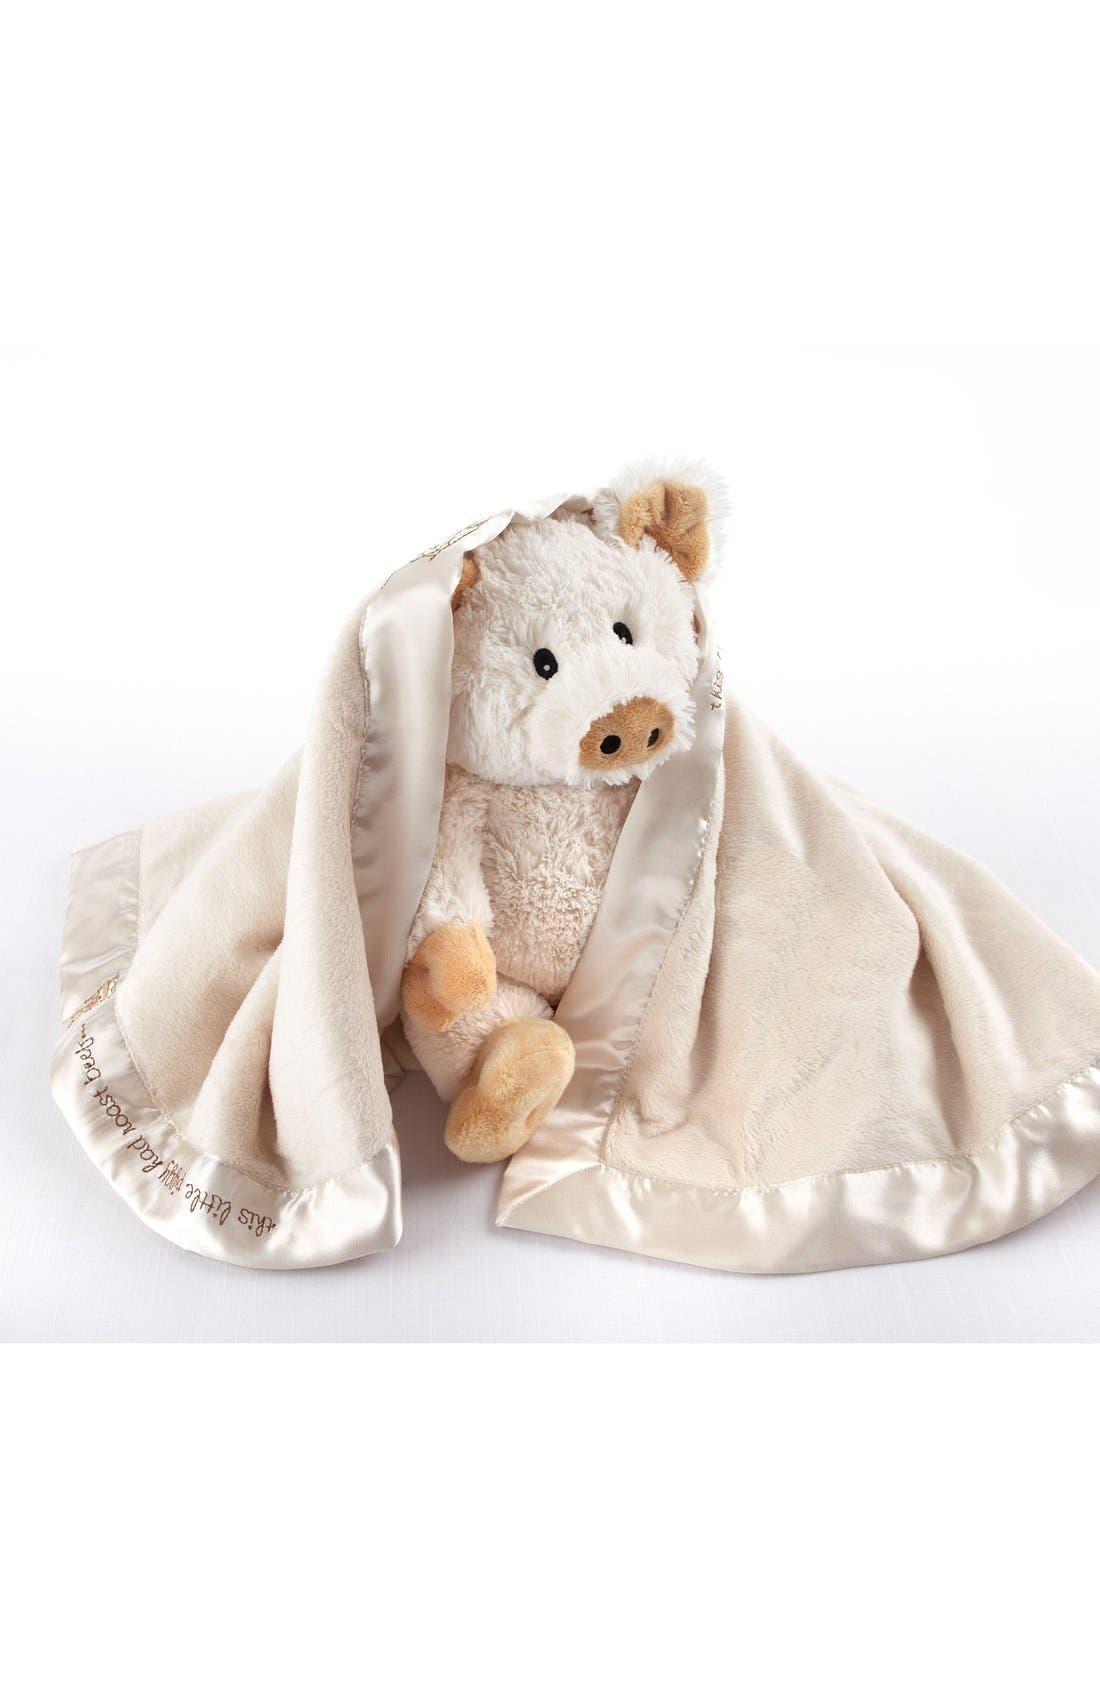 Alternate Image 3  - Baby Aspen Pig Stuffed Animal & Blanket Set